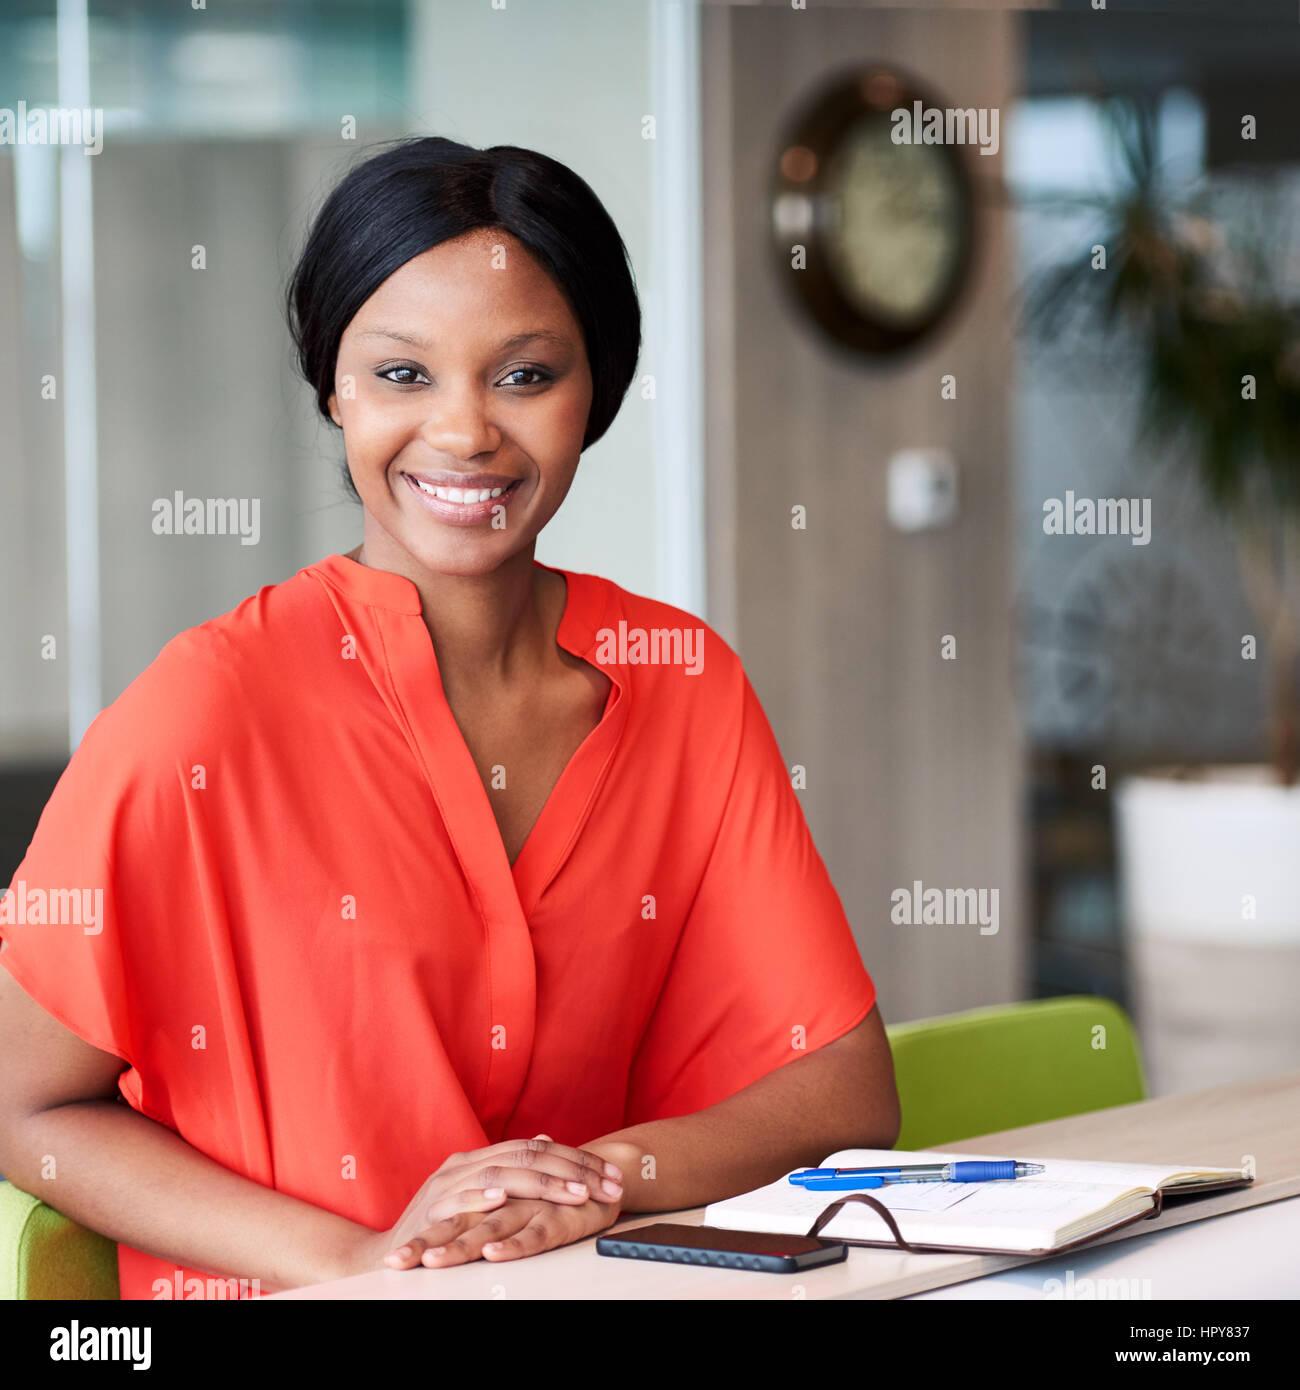 Imagen cuadrada de feliz mujer africana sonriendo mientras mira a la cámara mientras wearimg una colorida blusa Imagen De Stock